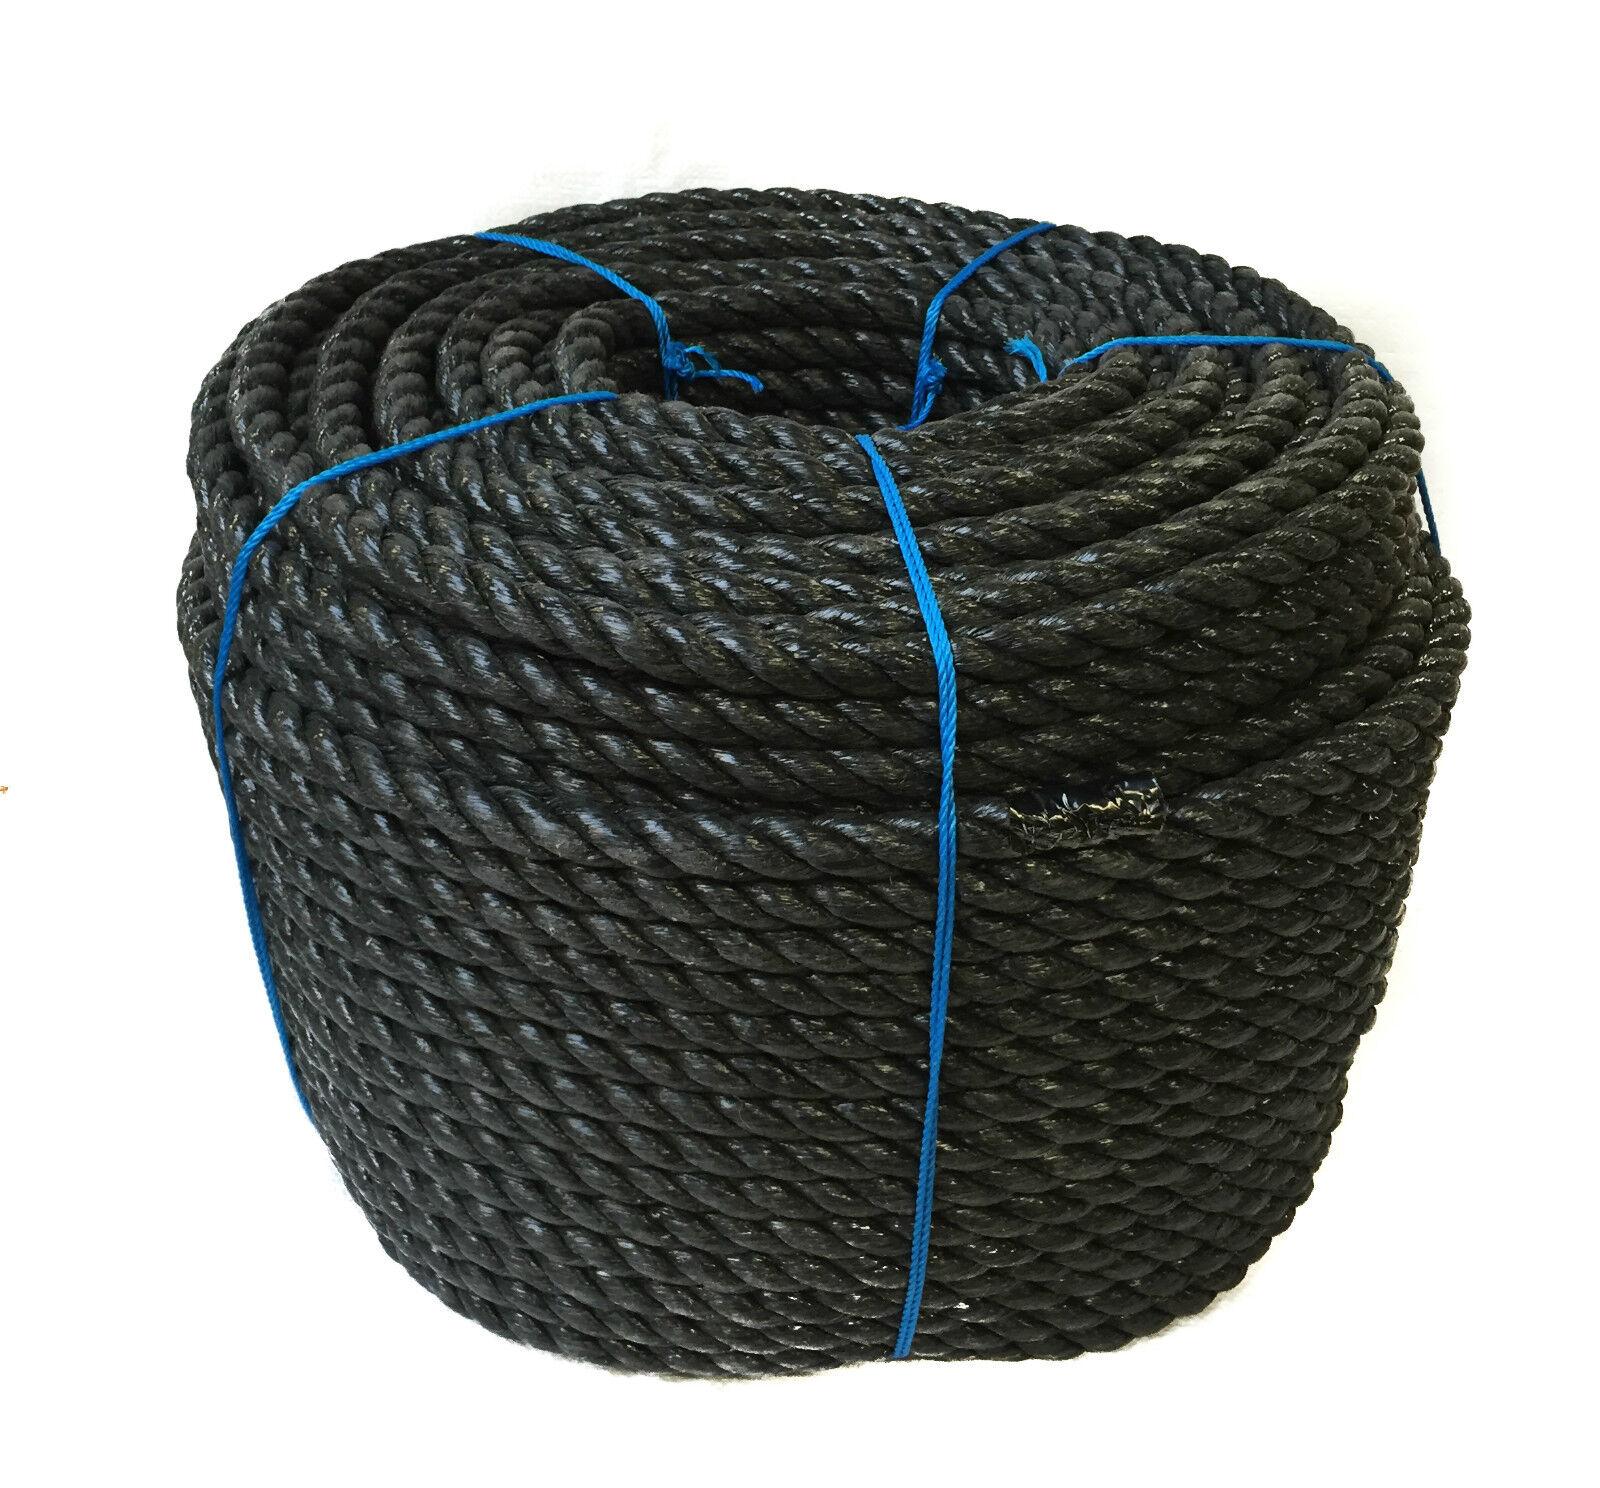 24 mm x 220 Meter schwarz 3 Stränge Polypropylen gespalten Film Seil - Marine